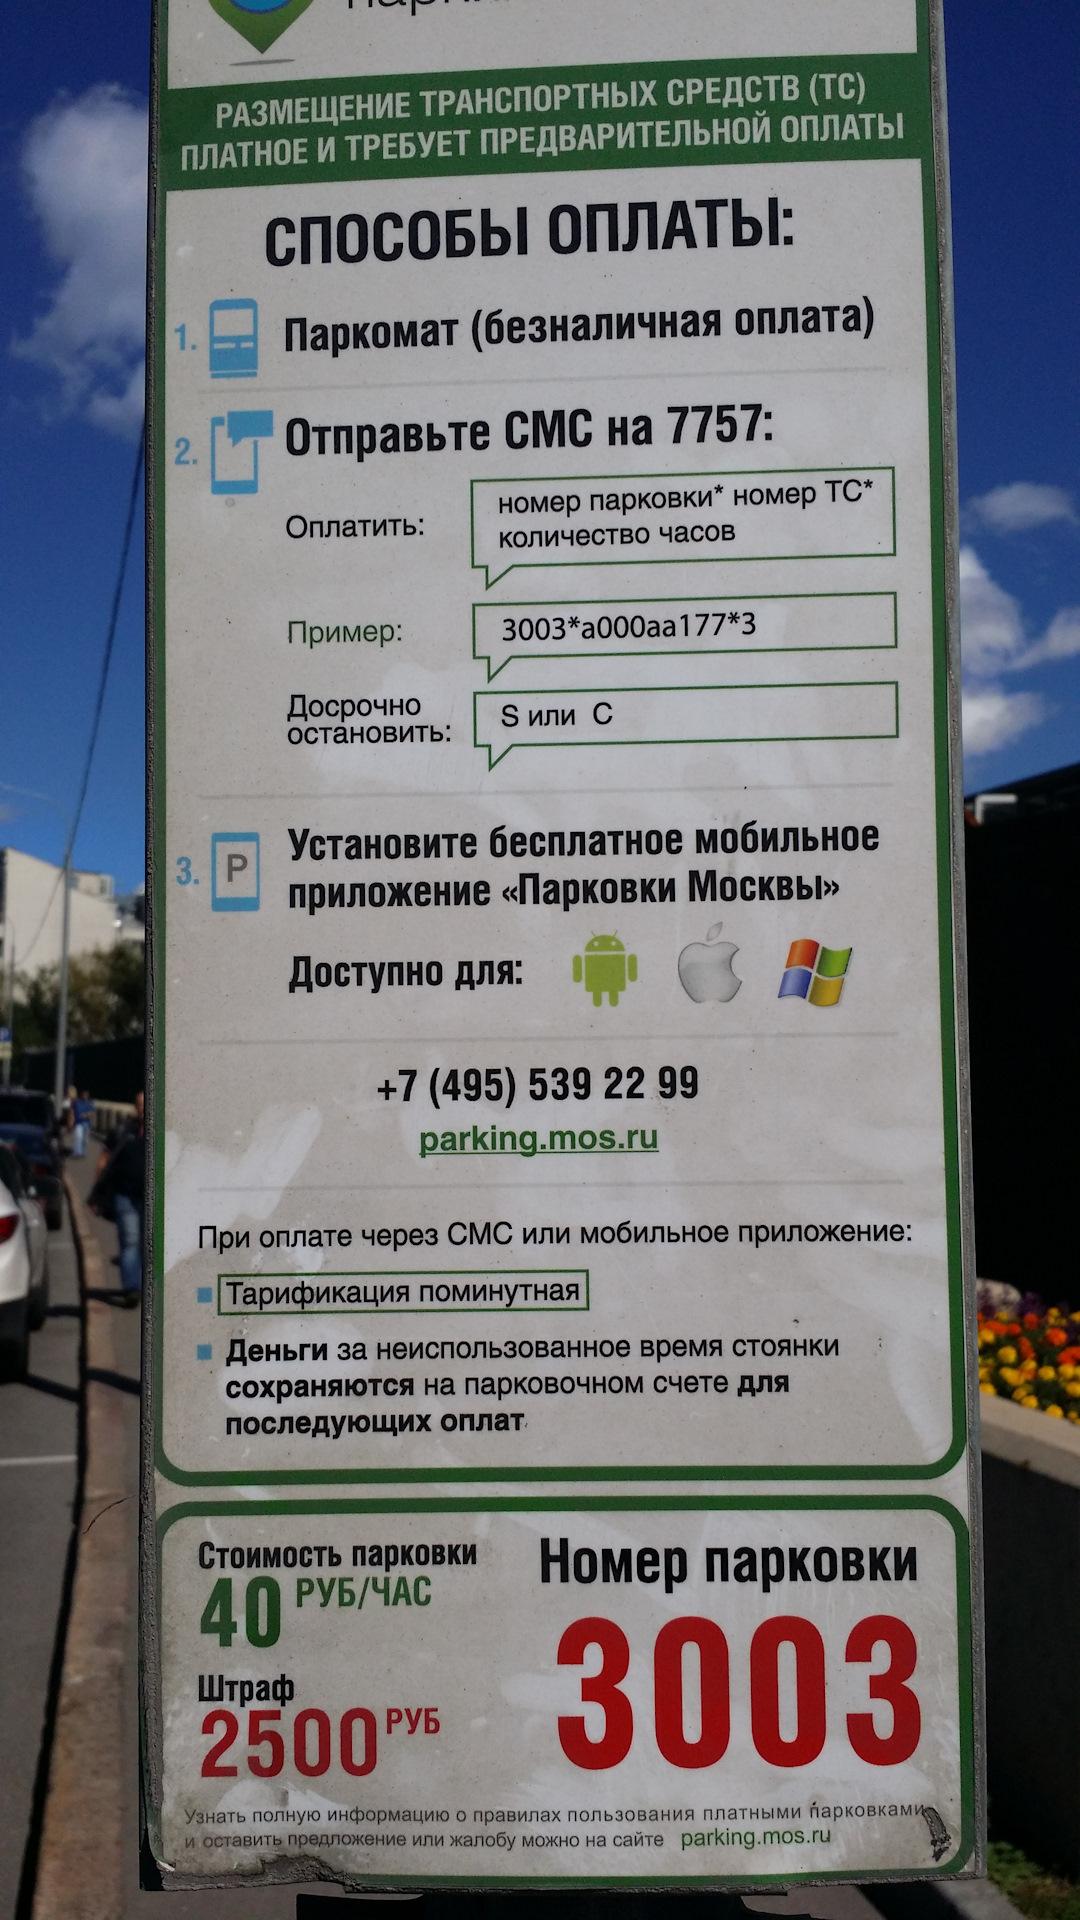 Как получить разрешение на бесплатную парковку в Москве многодетным семьям и инвалидам